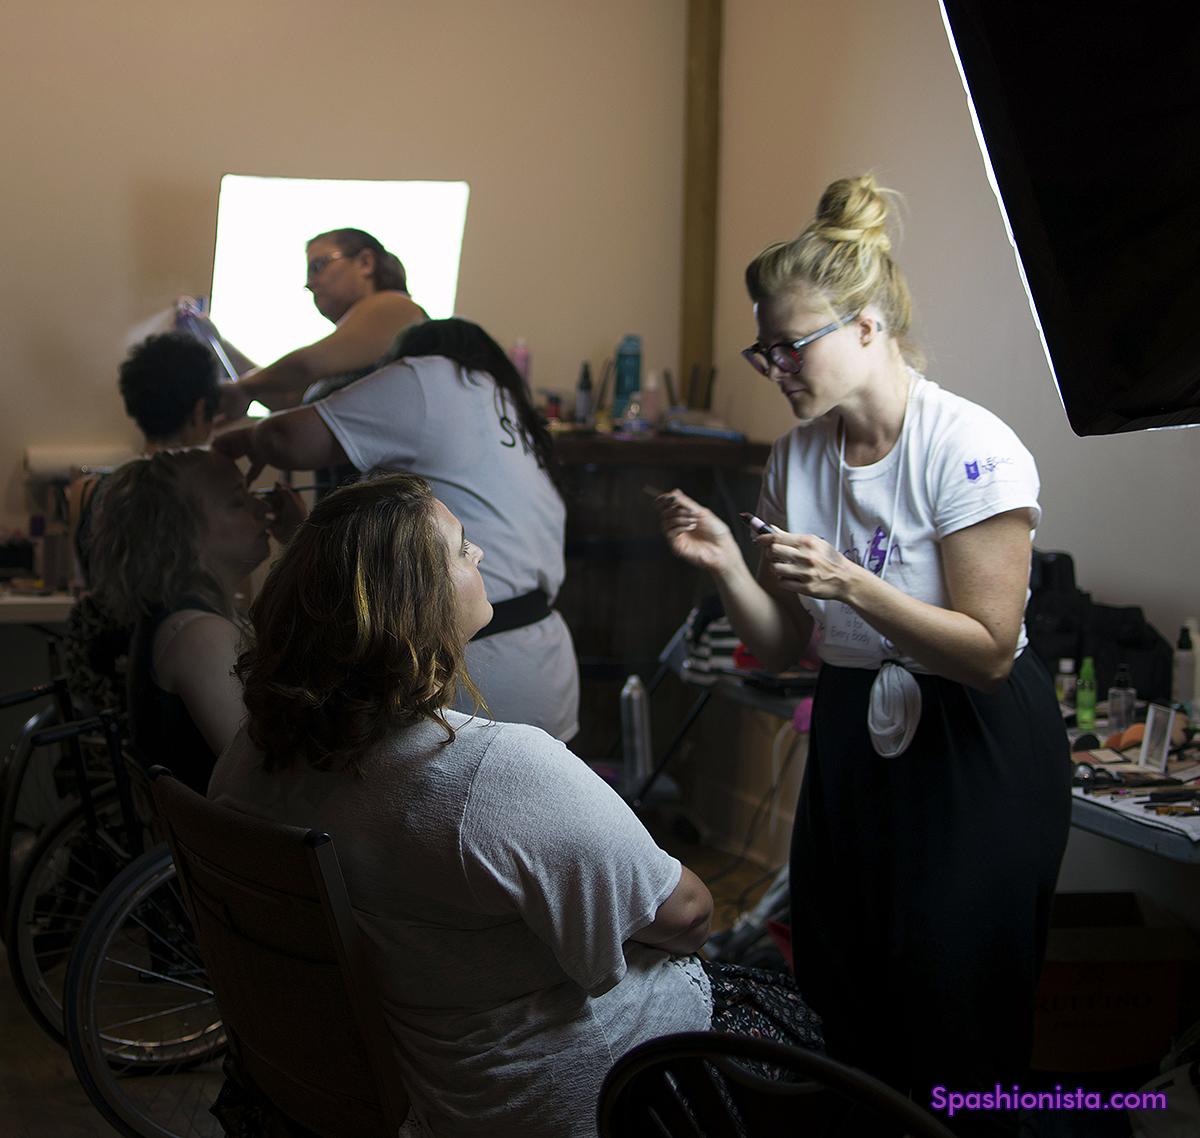 Clockwise from the top: Lani Barrett, hair; Pamela Hawk, makeup; Janelle Wood, makeup; Heidi Oechsel, model; Beth Thielman, model; Robbin Sinatra, model.